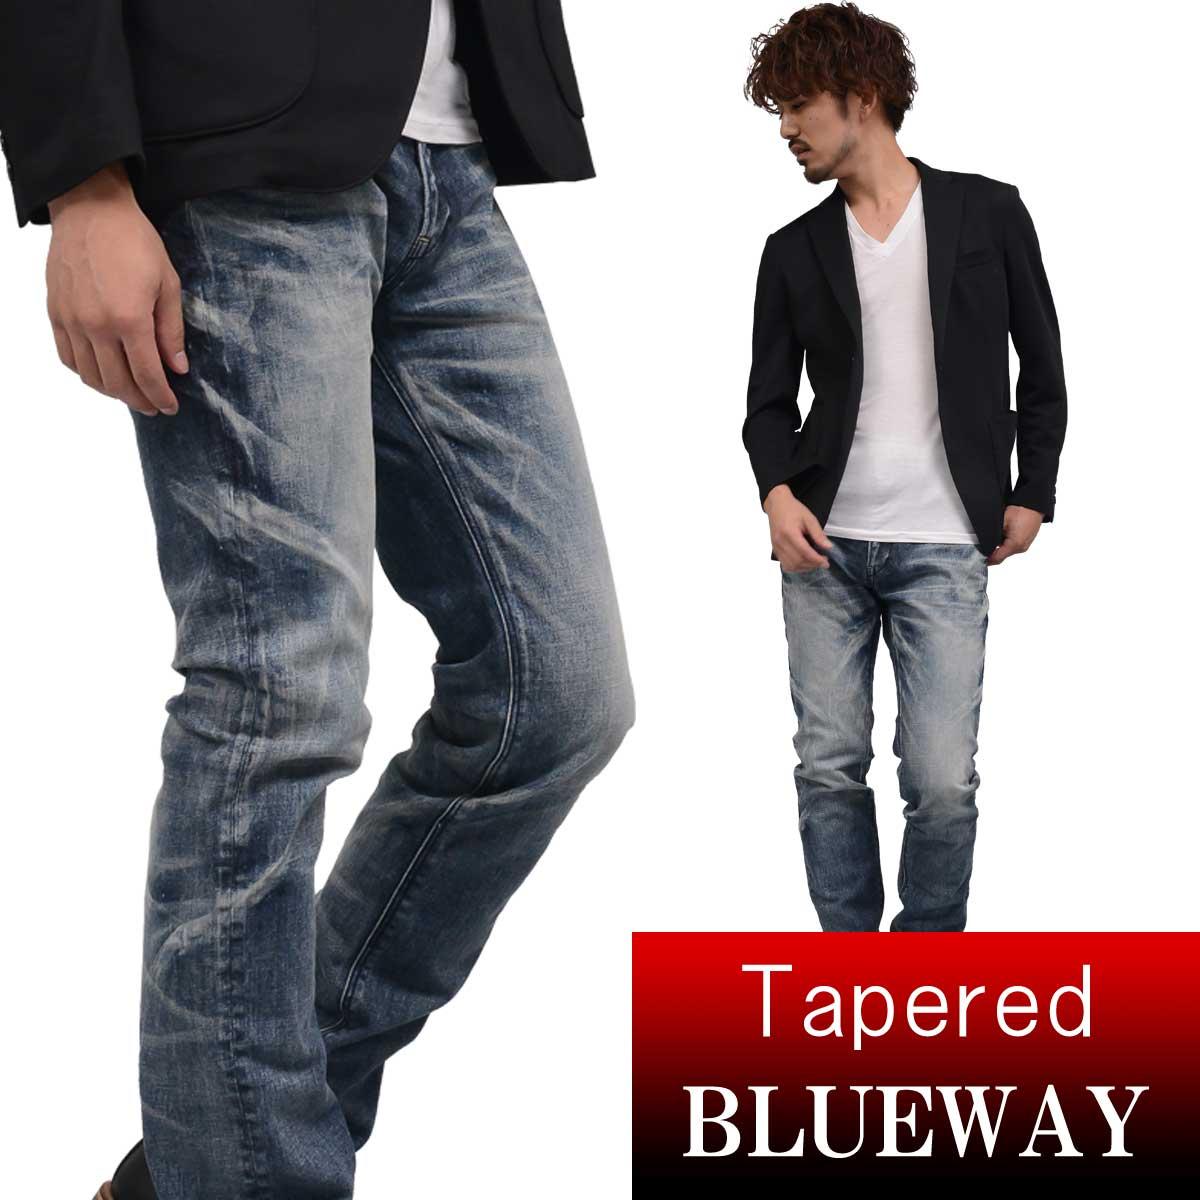 BLUEWAY:ソリッドストレッチデニム・レギュラーテーパードジーンズ(オーバーエイジング):M1881-5305 ブルーウェイ ジーンズ メンズ デニム ジーパン 裾上げ